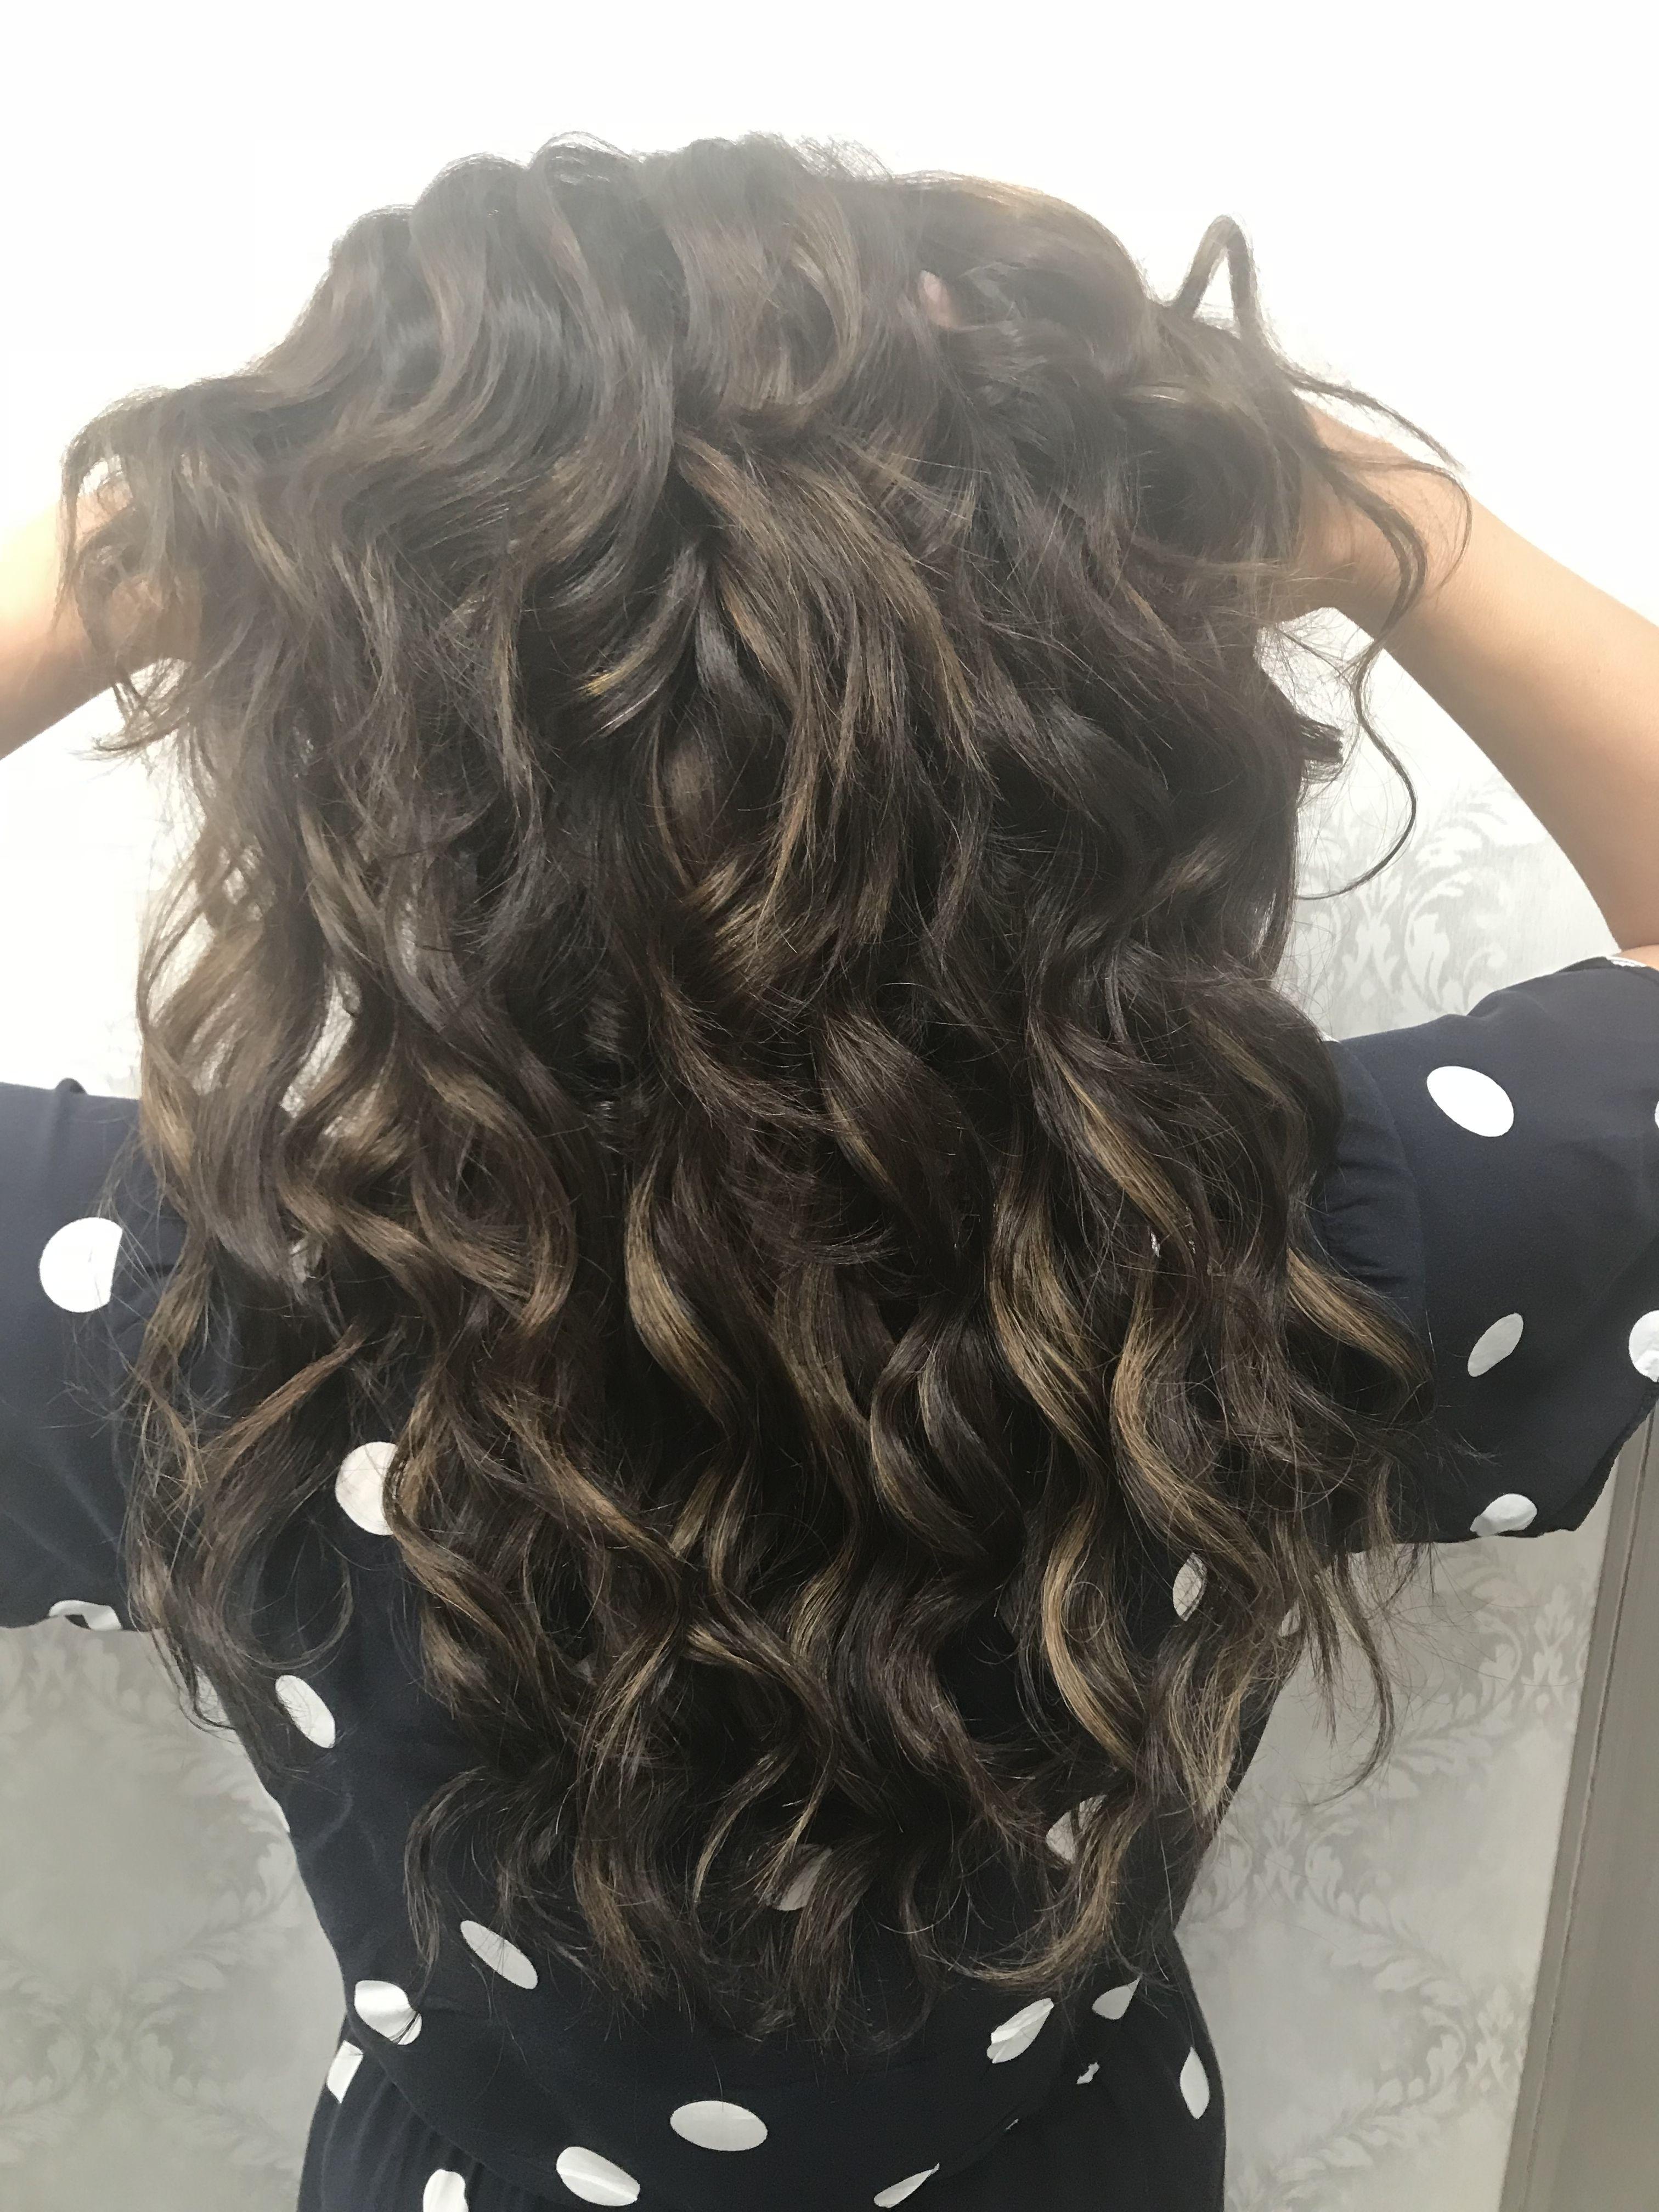 #hair #haircolor #hairstyles #longhair #brunette #brunettehair  #hairextensions #brownhair